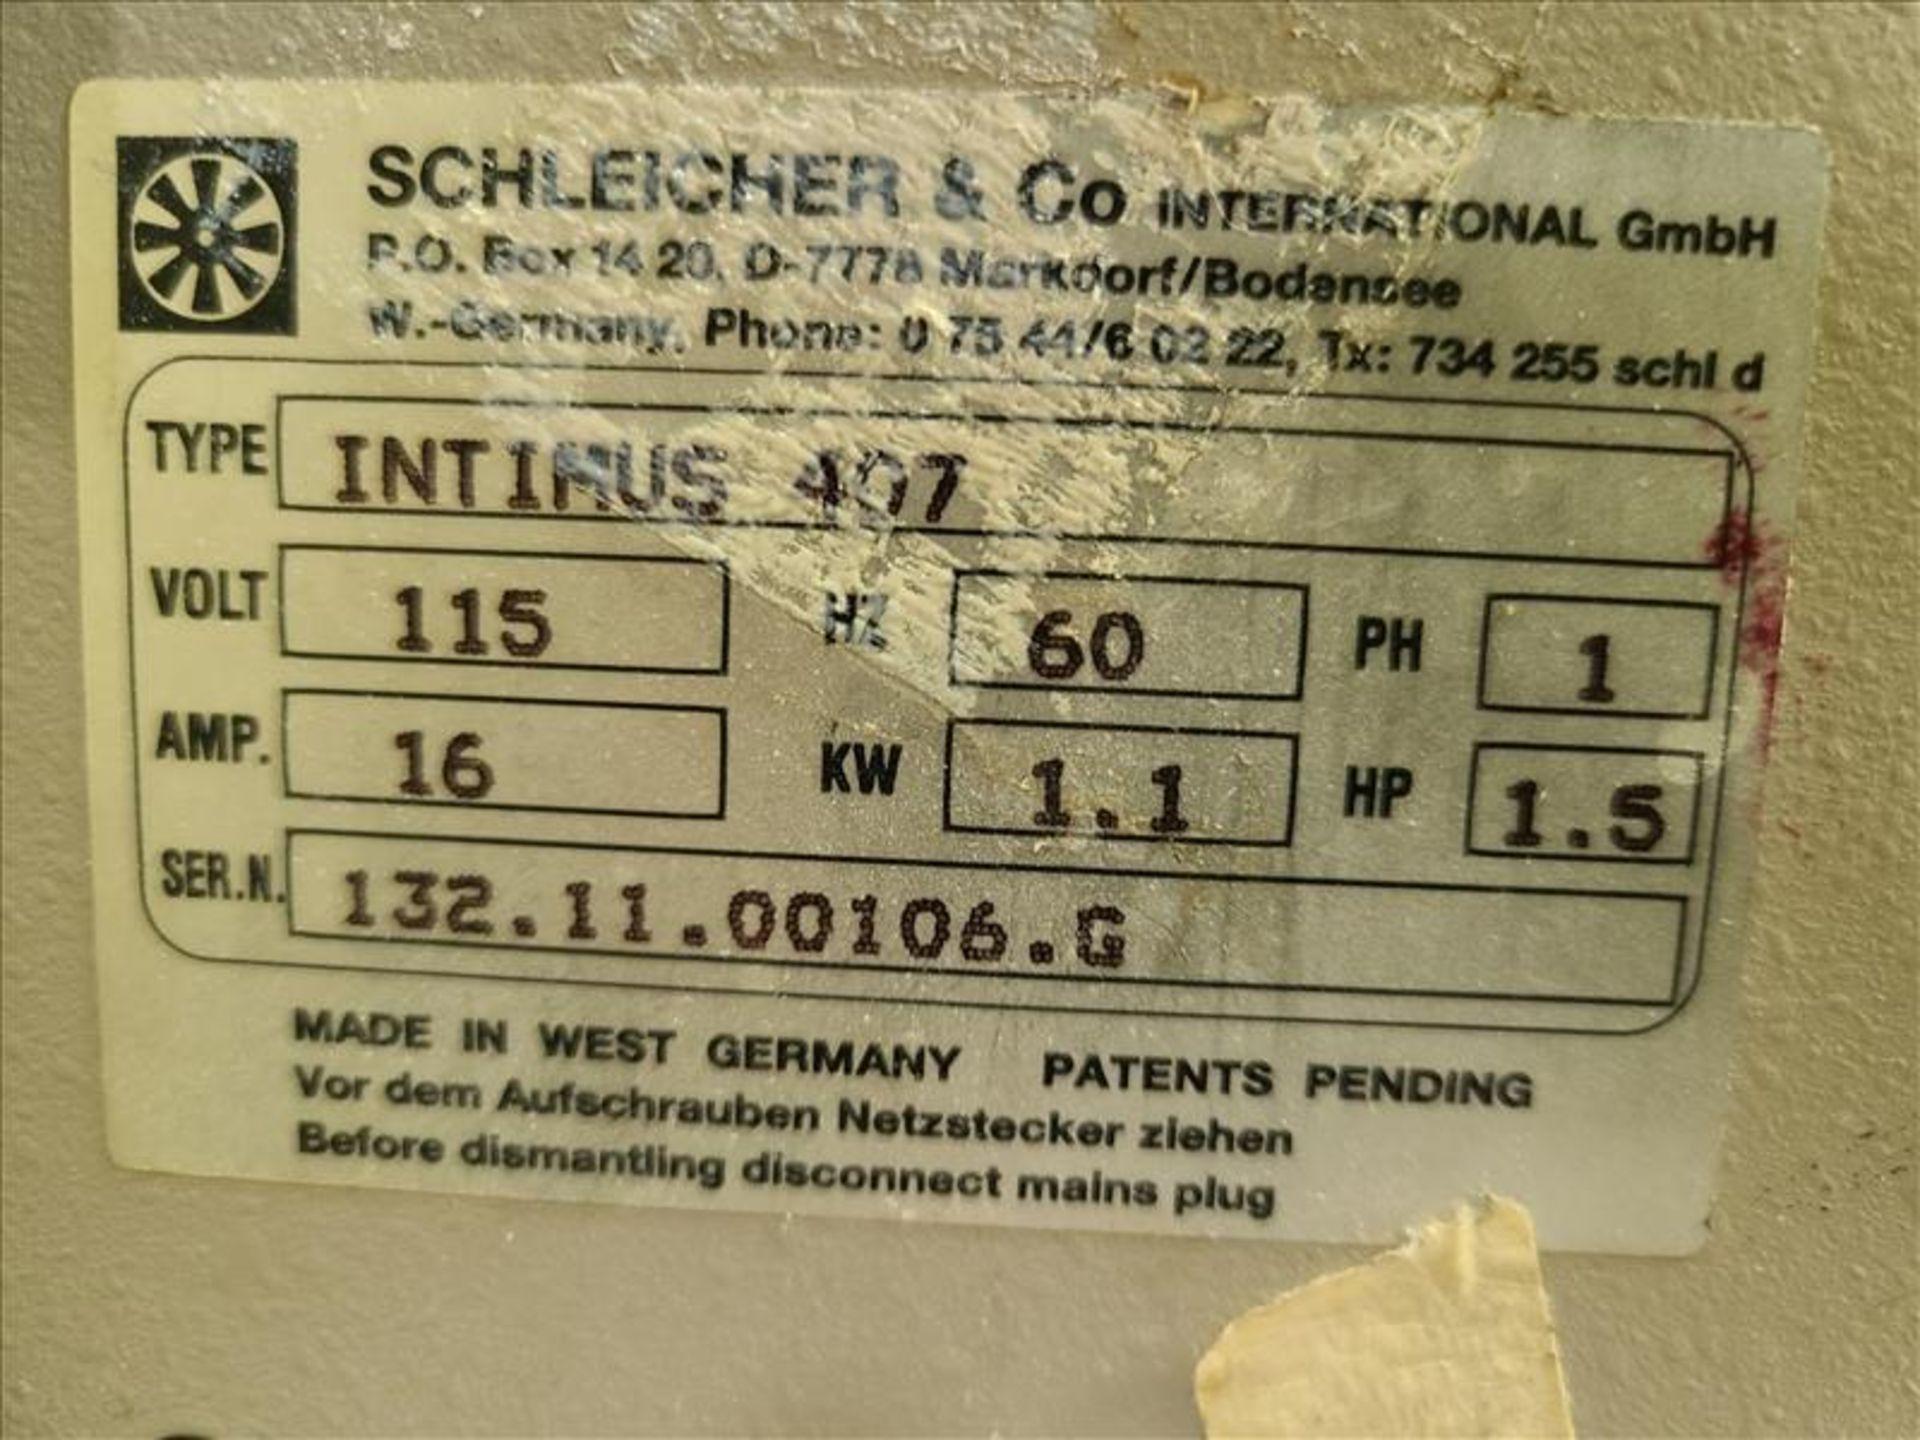 Paper Shredder, model Intimus 407, S/N. 1321100106G, 115V, 60 Hz, 16 amps, 1.5 hp - Image 2 of 2